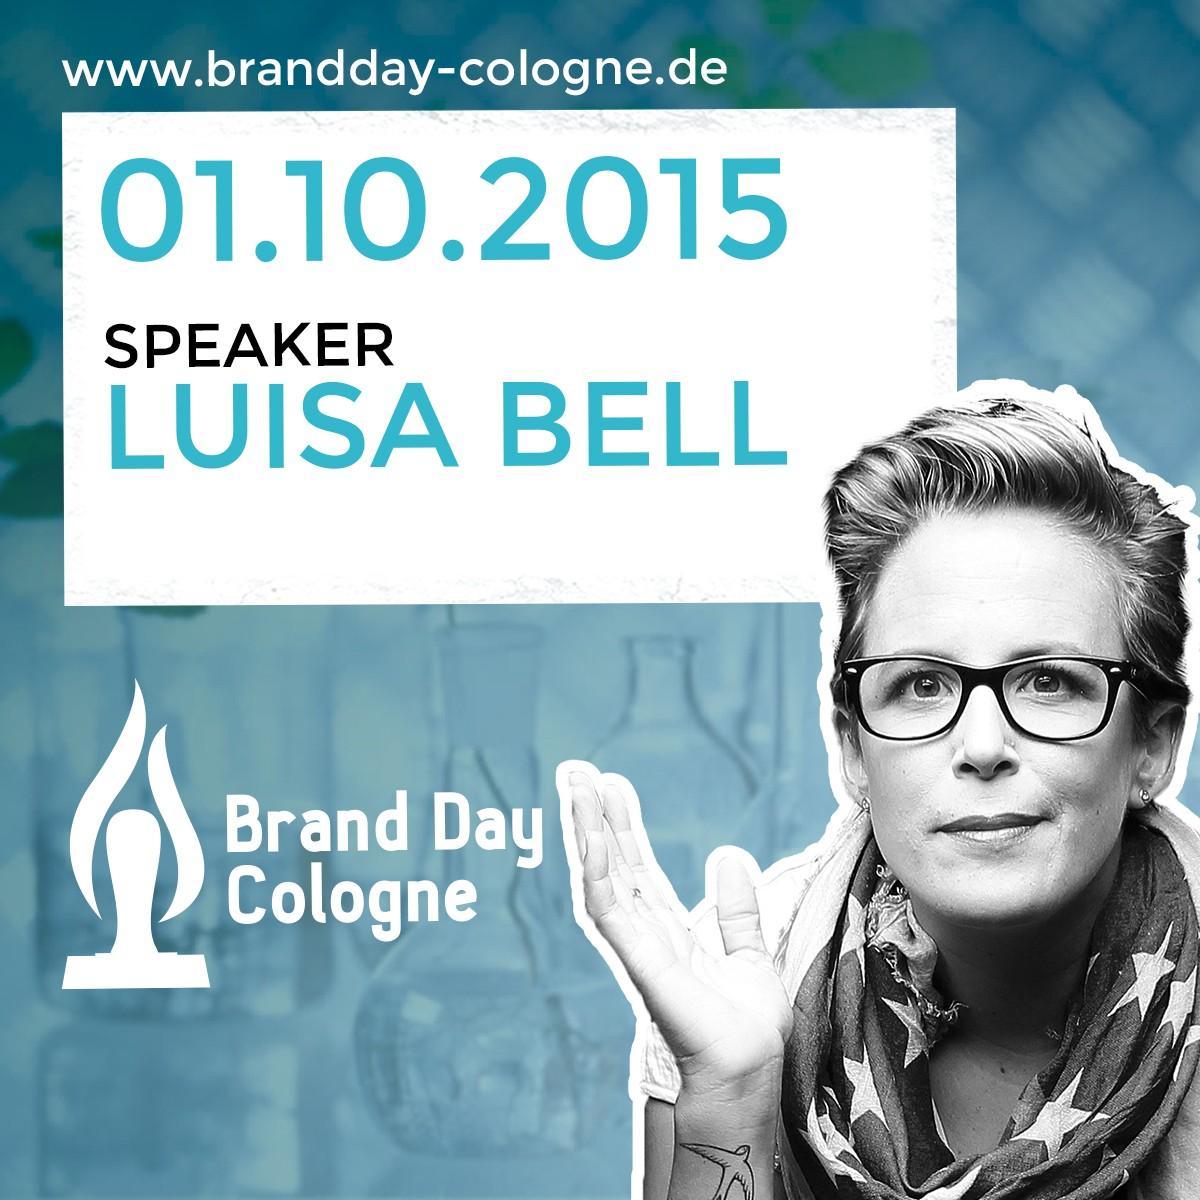 Die Experten des Brand Day Cologne erhalten dank Bell & Co. Ihre eigenen Videoteaser